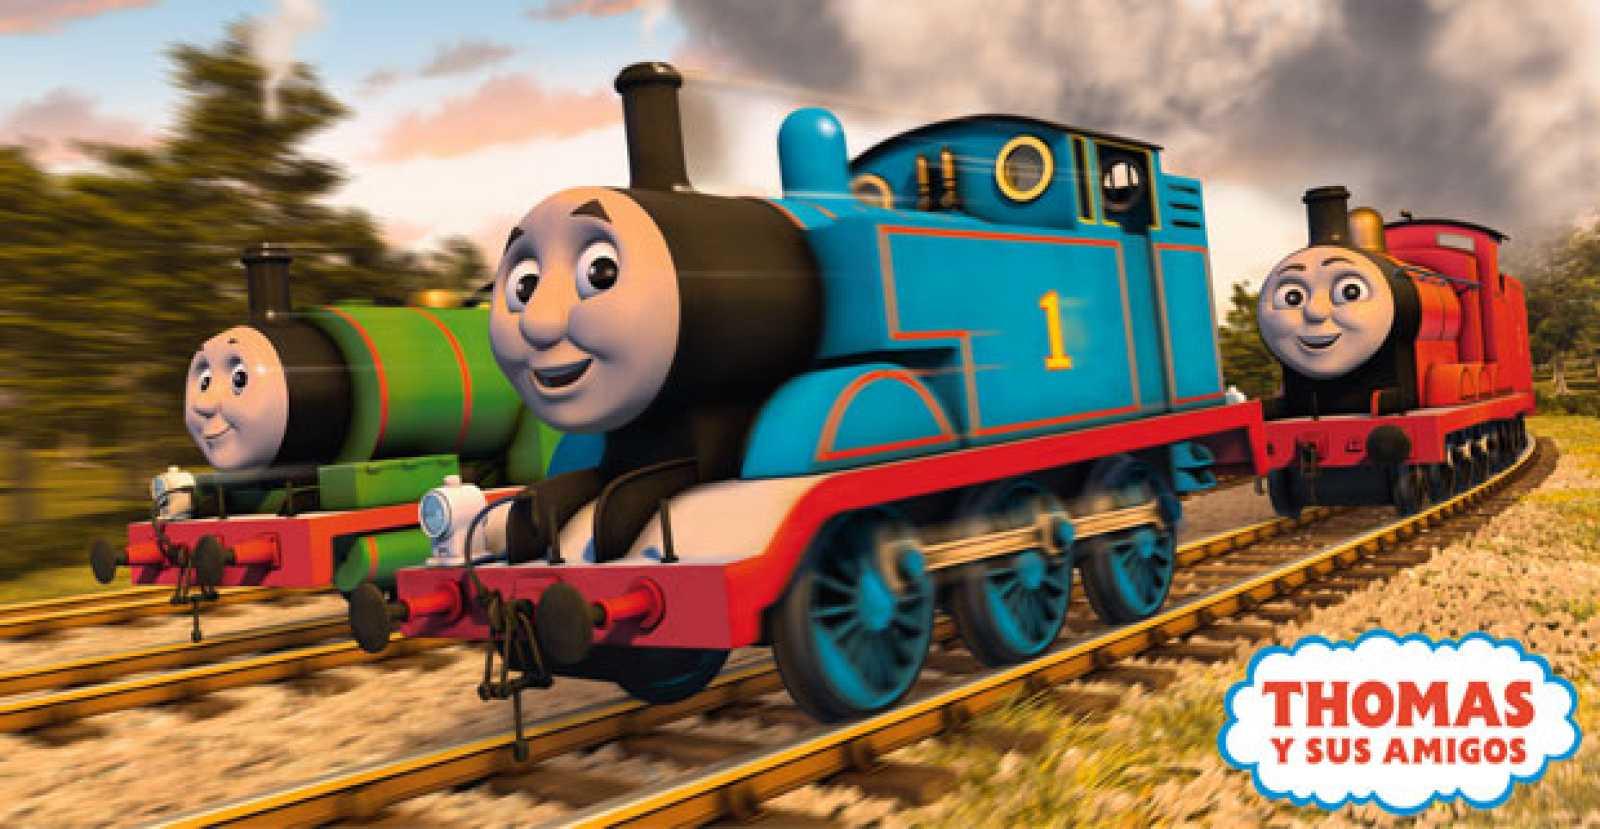 Chu Chu Pasajeros Al Tren Arrancan Las Aventuras De Thomas Y